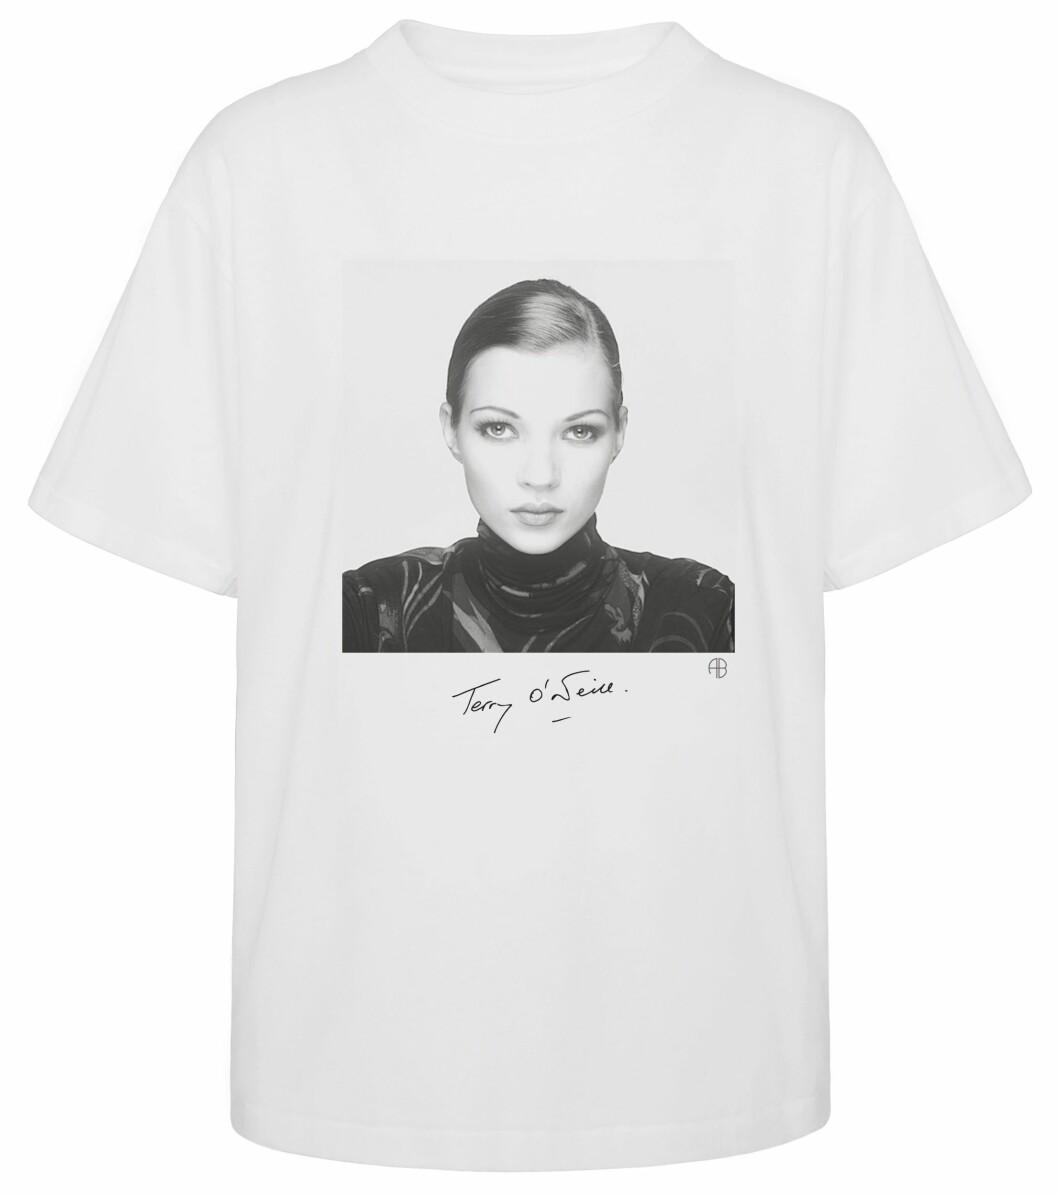 vit t-shirt med Kate Moss från ANINE BING x Terry O'Neill